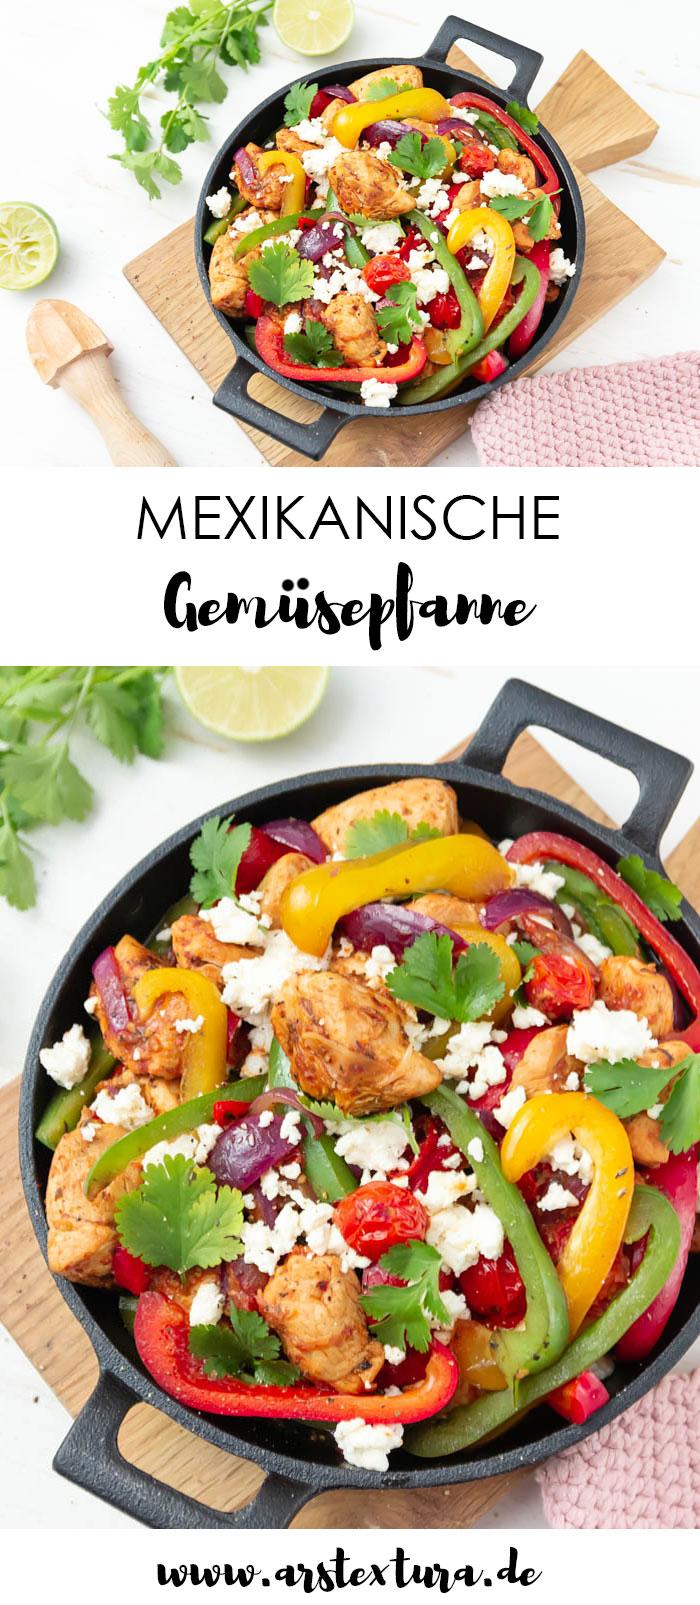 Mexikanische Gemüsepfanne mit Paprika, Tomate, Feta und Hähnchen